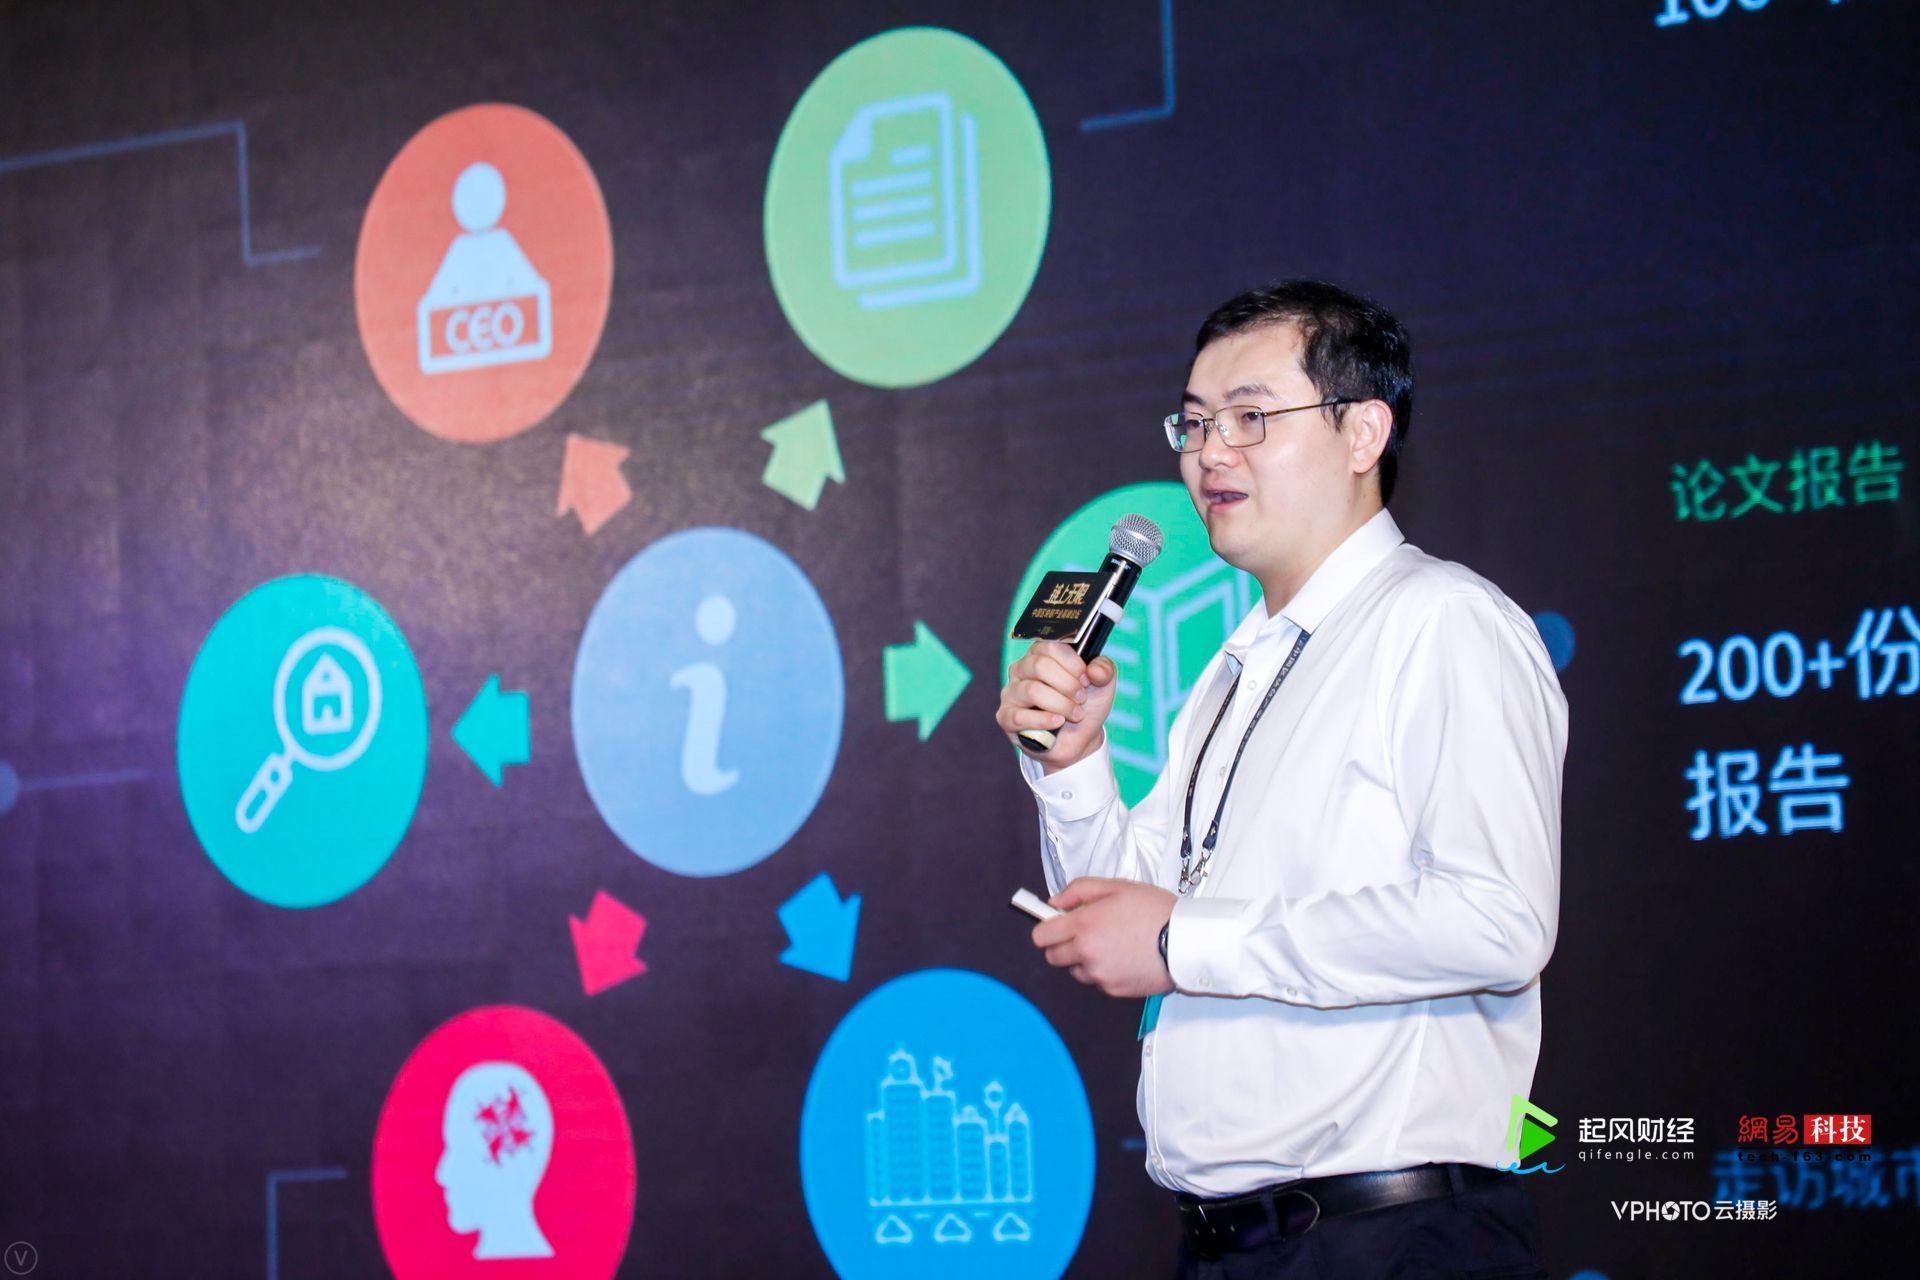 工信部于佳宁:区块链已成中国经济发展创新新高地